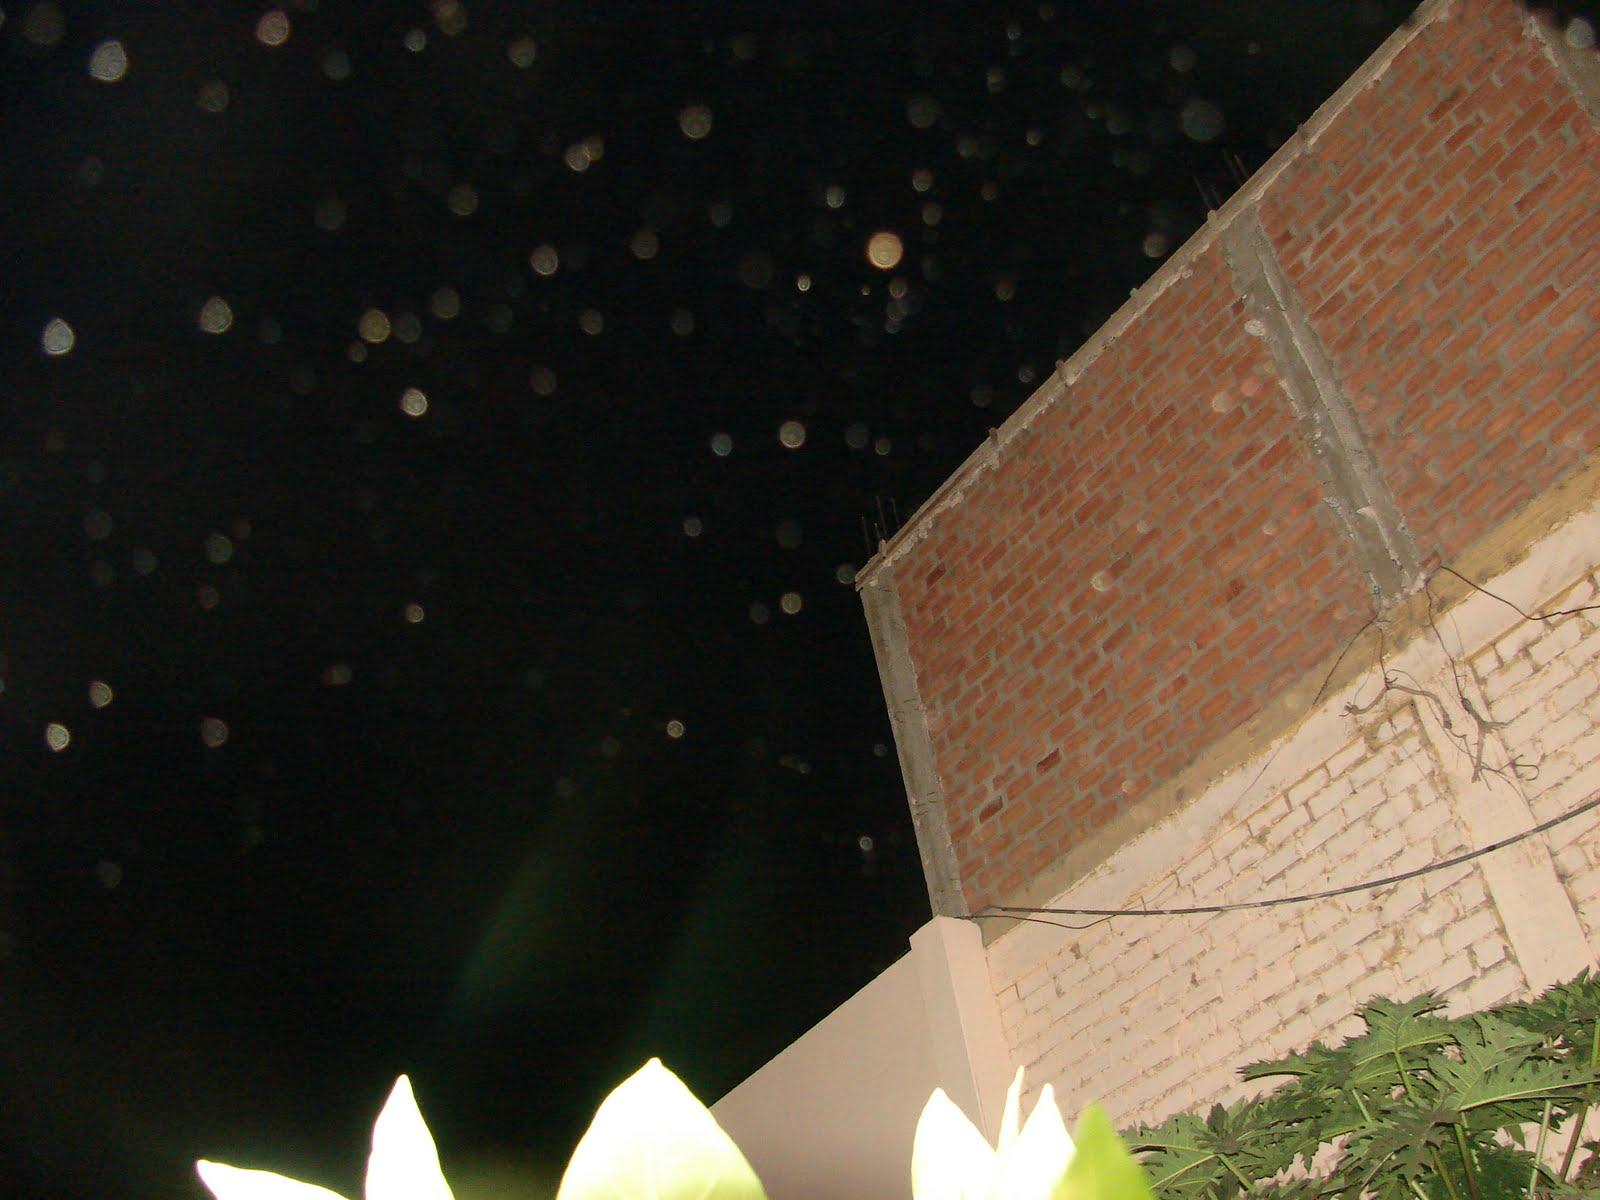 4-mayo-5-6-7-8-9...2011..ATENCION .ultimos avistamientos ovni en Cielo de Mi casa hoy,2:23 am sec